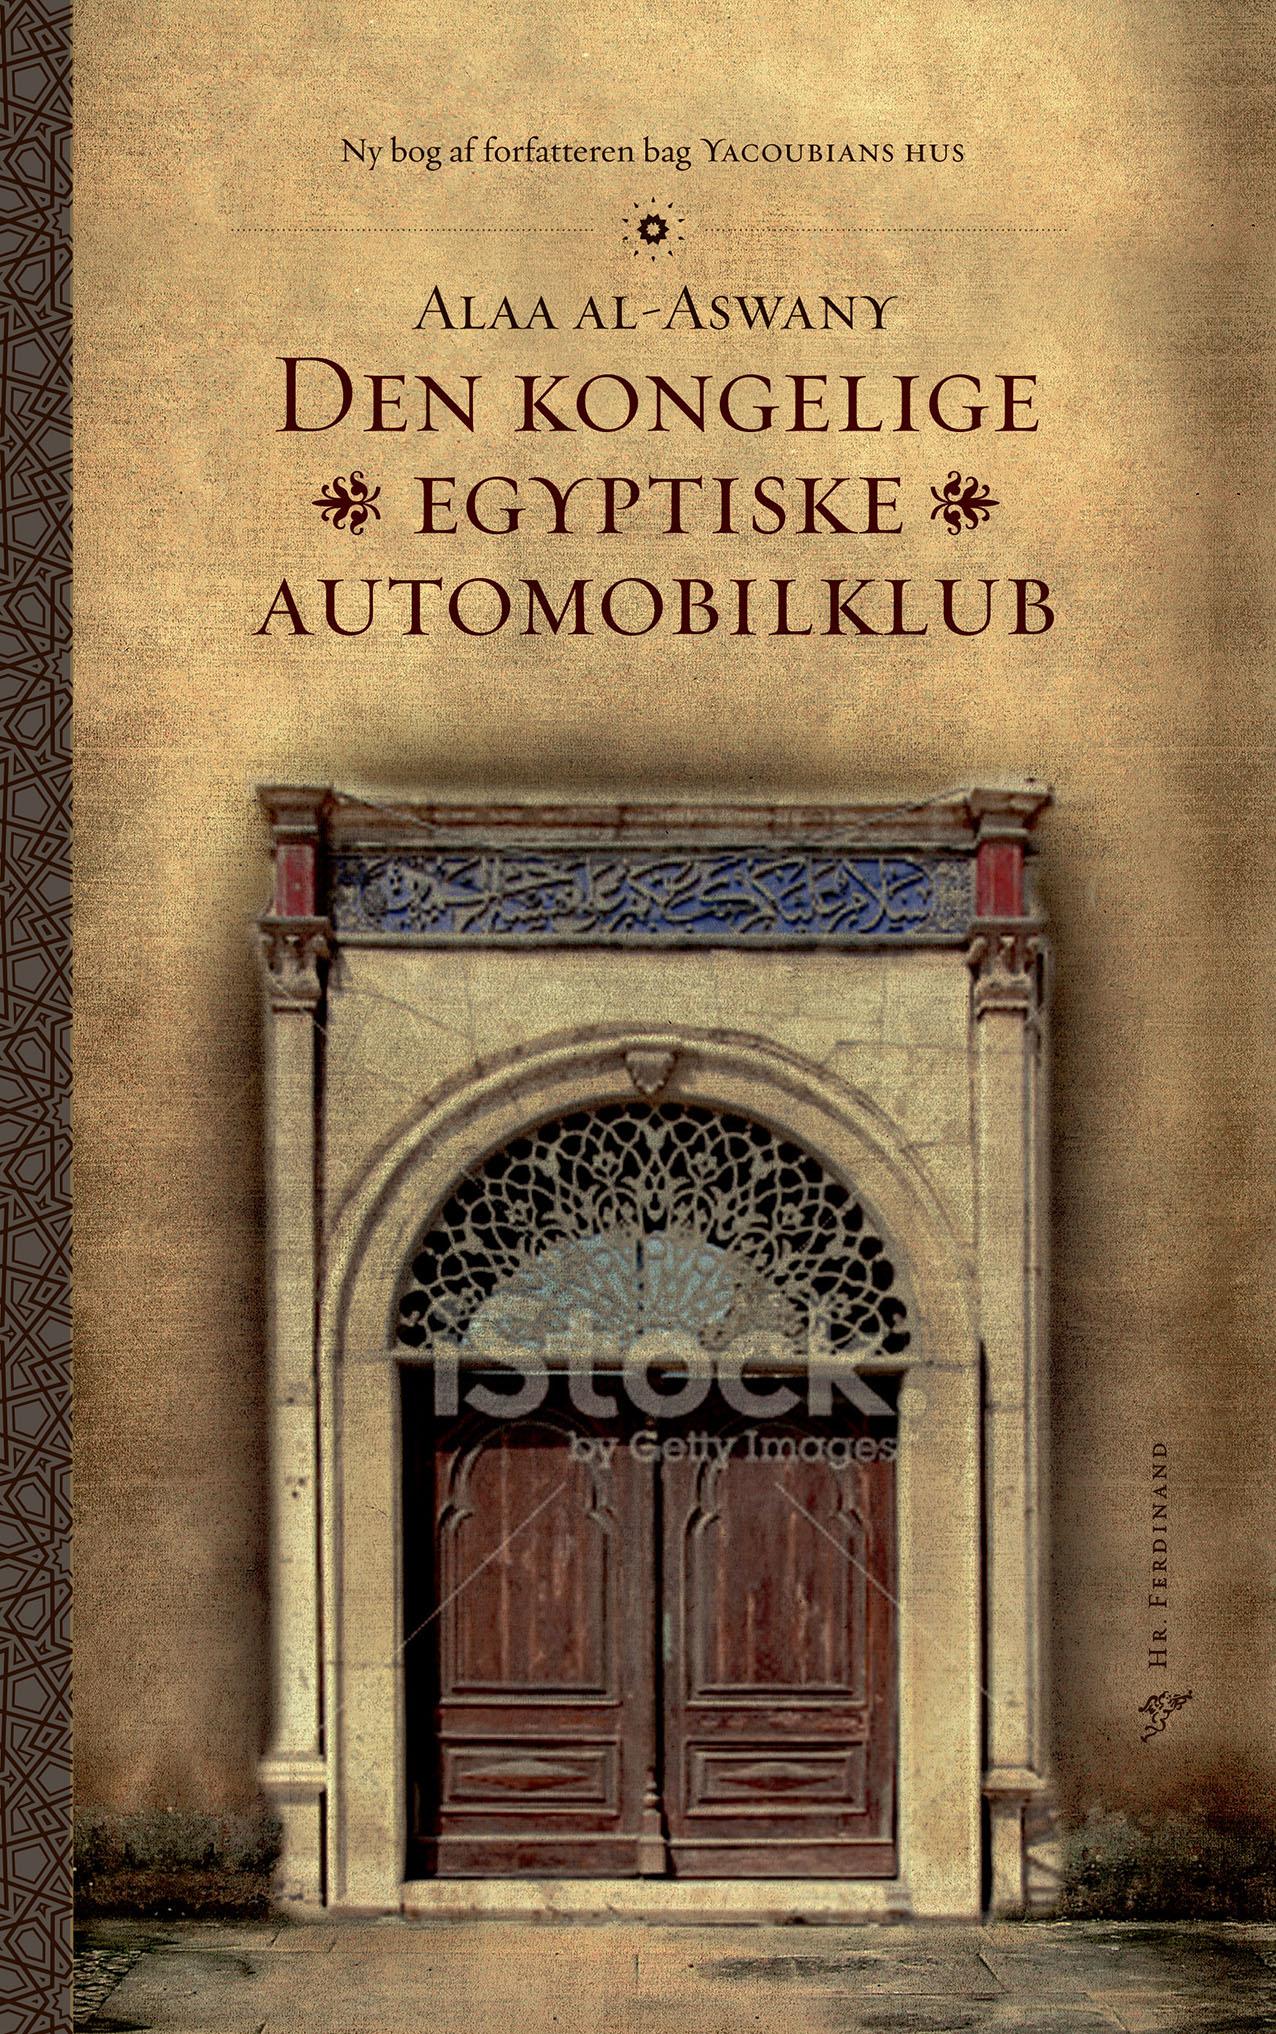 Den Kongelige Egyptiske Automobilklub